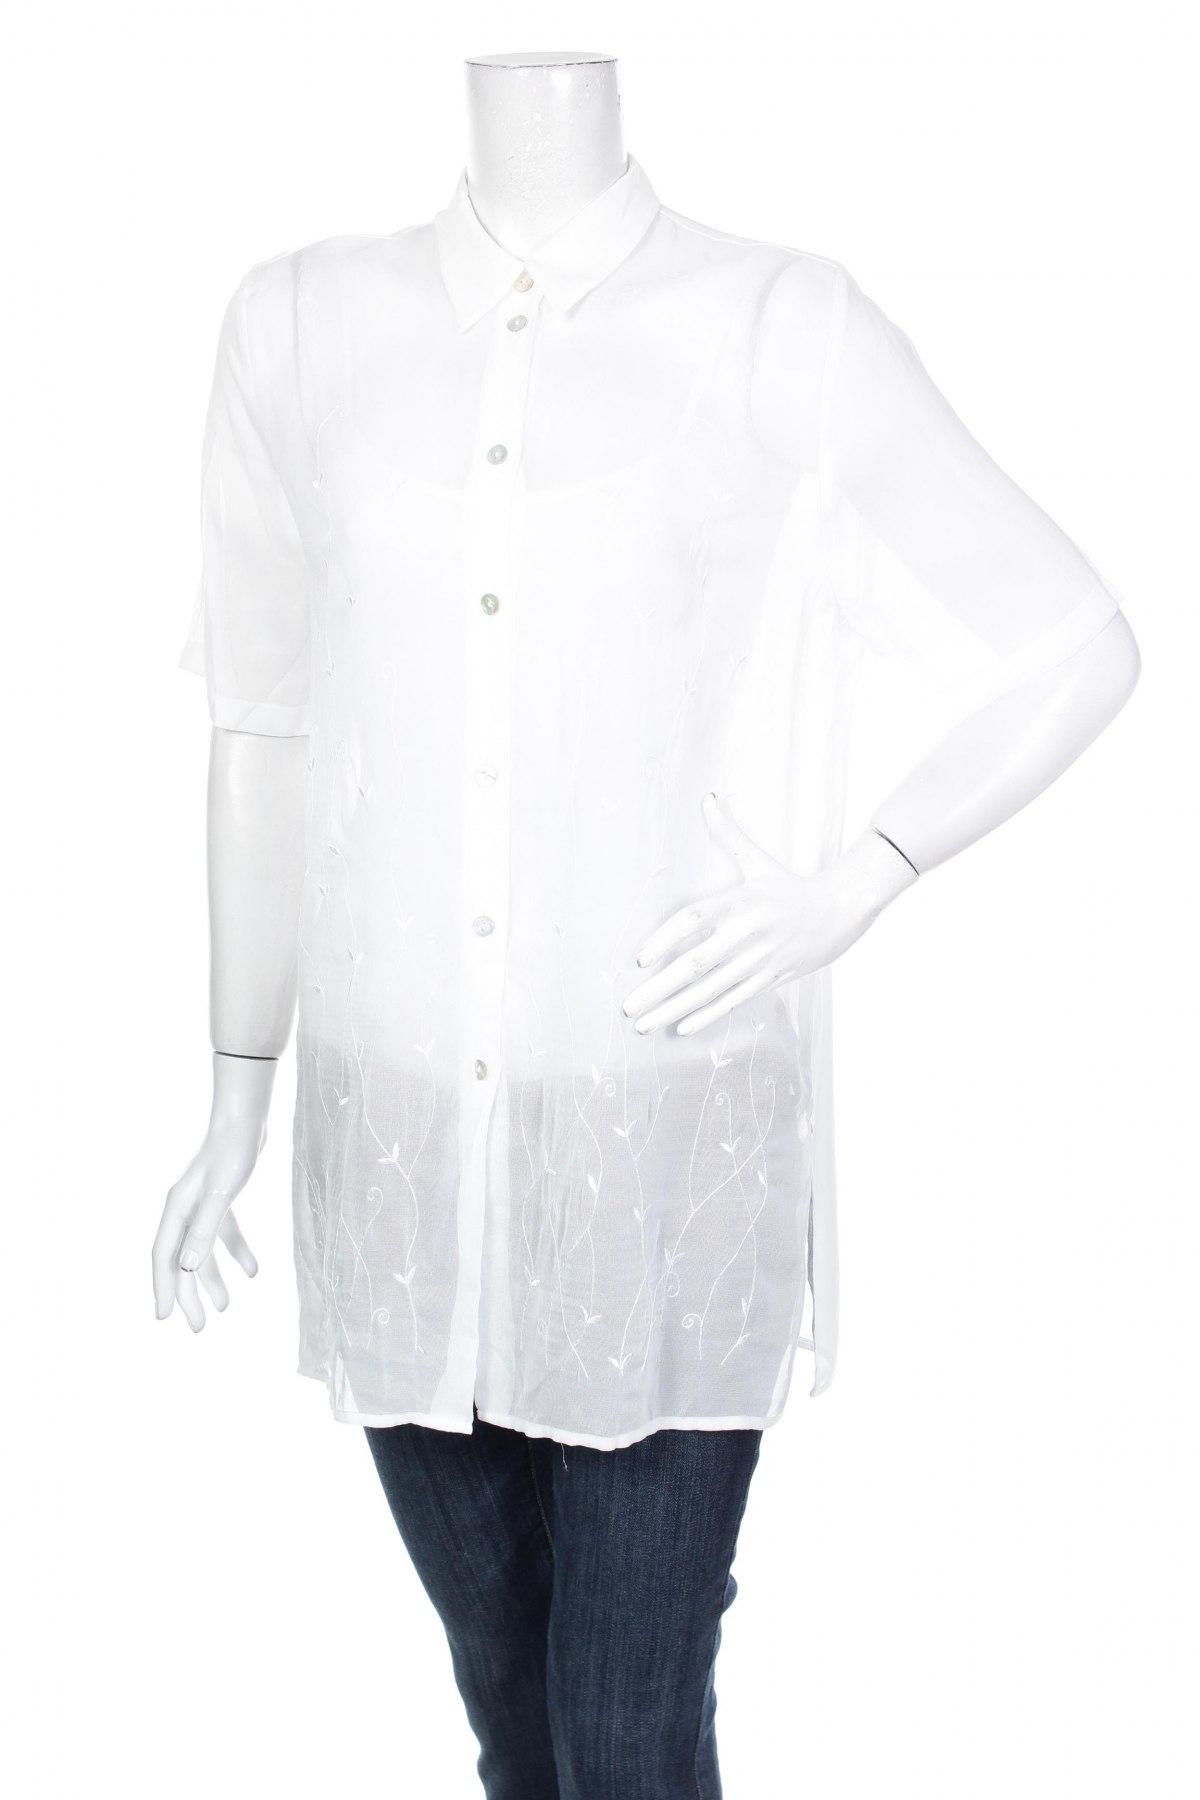 Γυναικείο πουκάμισο Steilmann